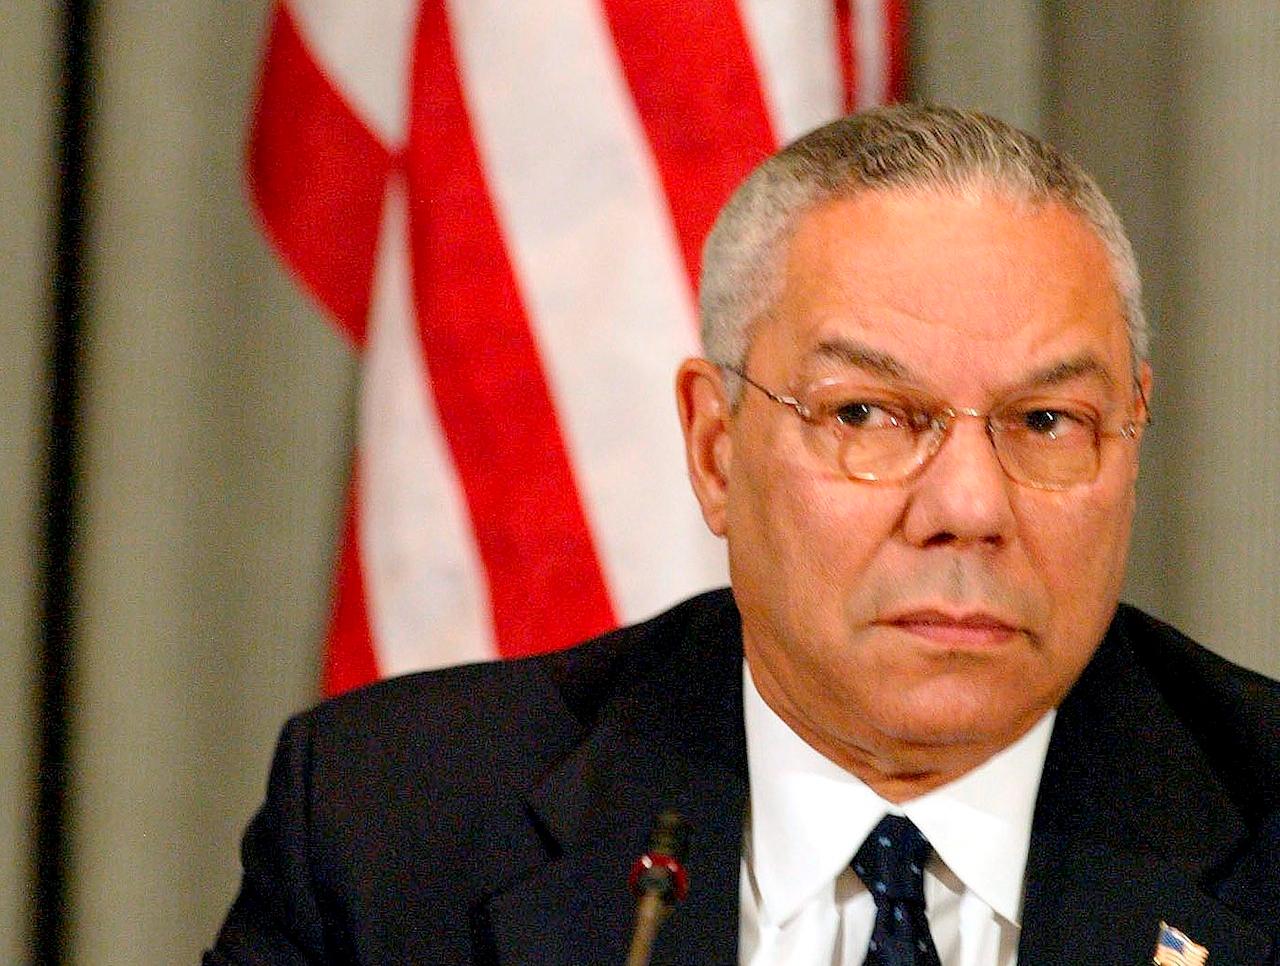 El exsecretario de Estado de EU, Colin Powell, muere por Covid-19